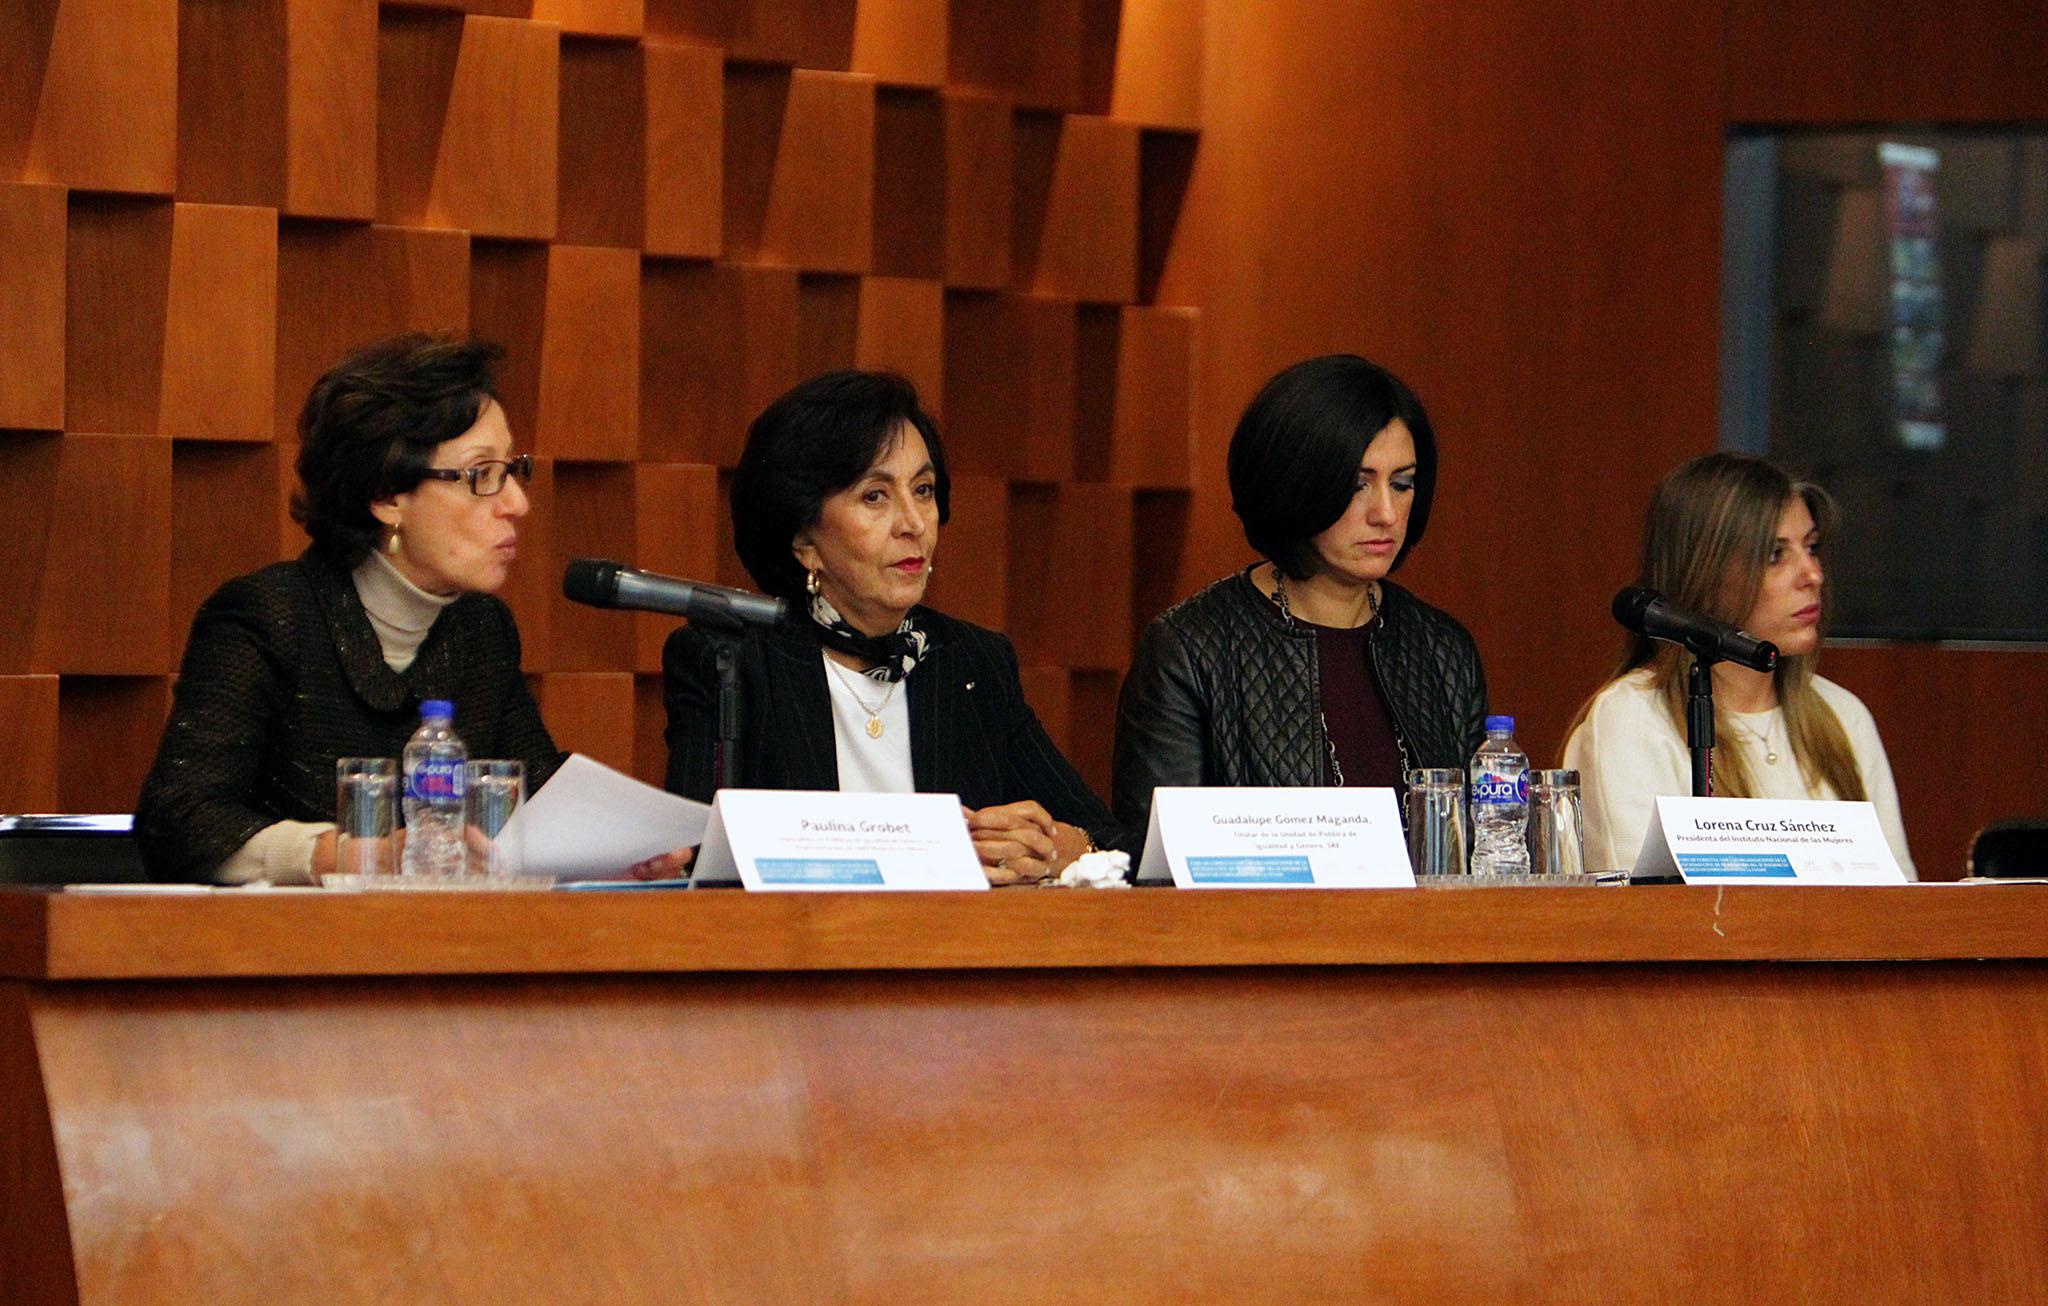 FOTO 1 Foro de Consulta con Organizaciones de la Sociedad Civil en materia de igualdad de g nerojpg